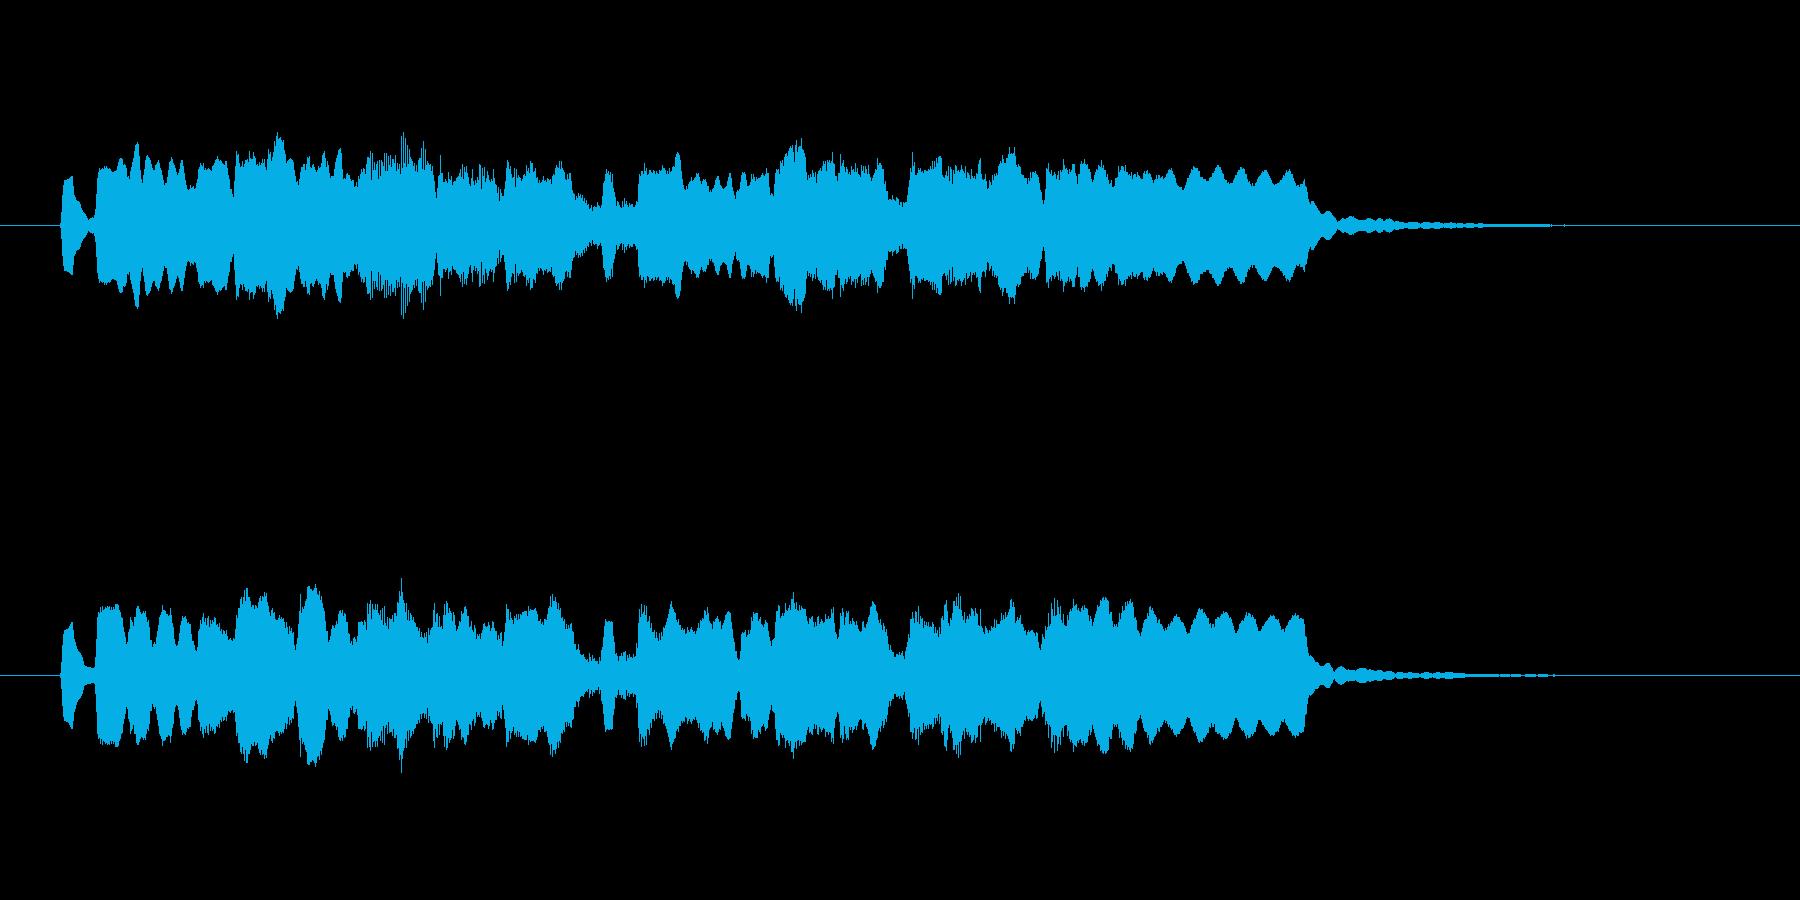 メルヘンで可憐なフルートジングルの再生済みの波形